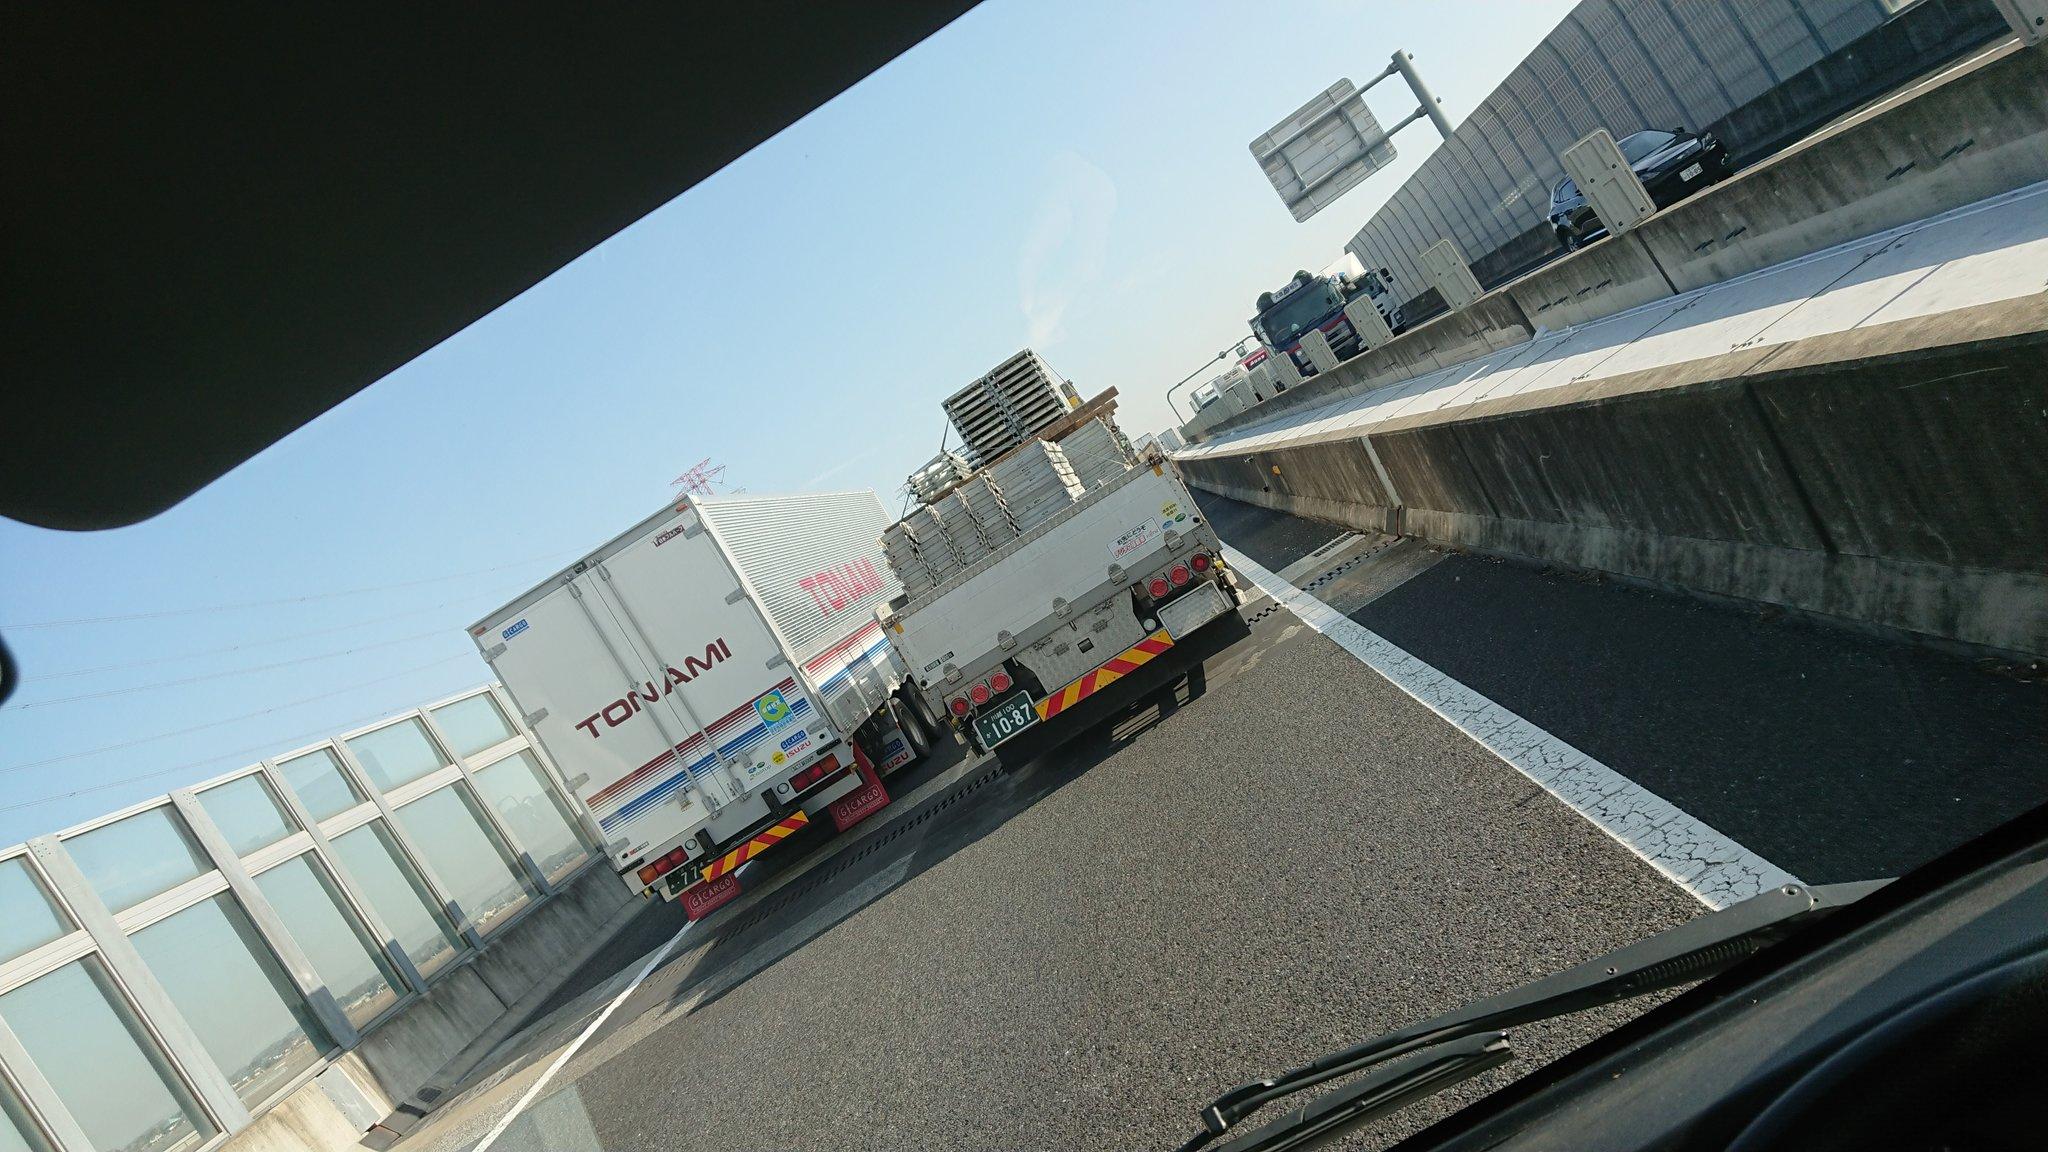 画像,圏央道事故渋滞… https://t.co/hSrkq9gIN2。